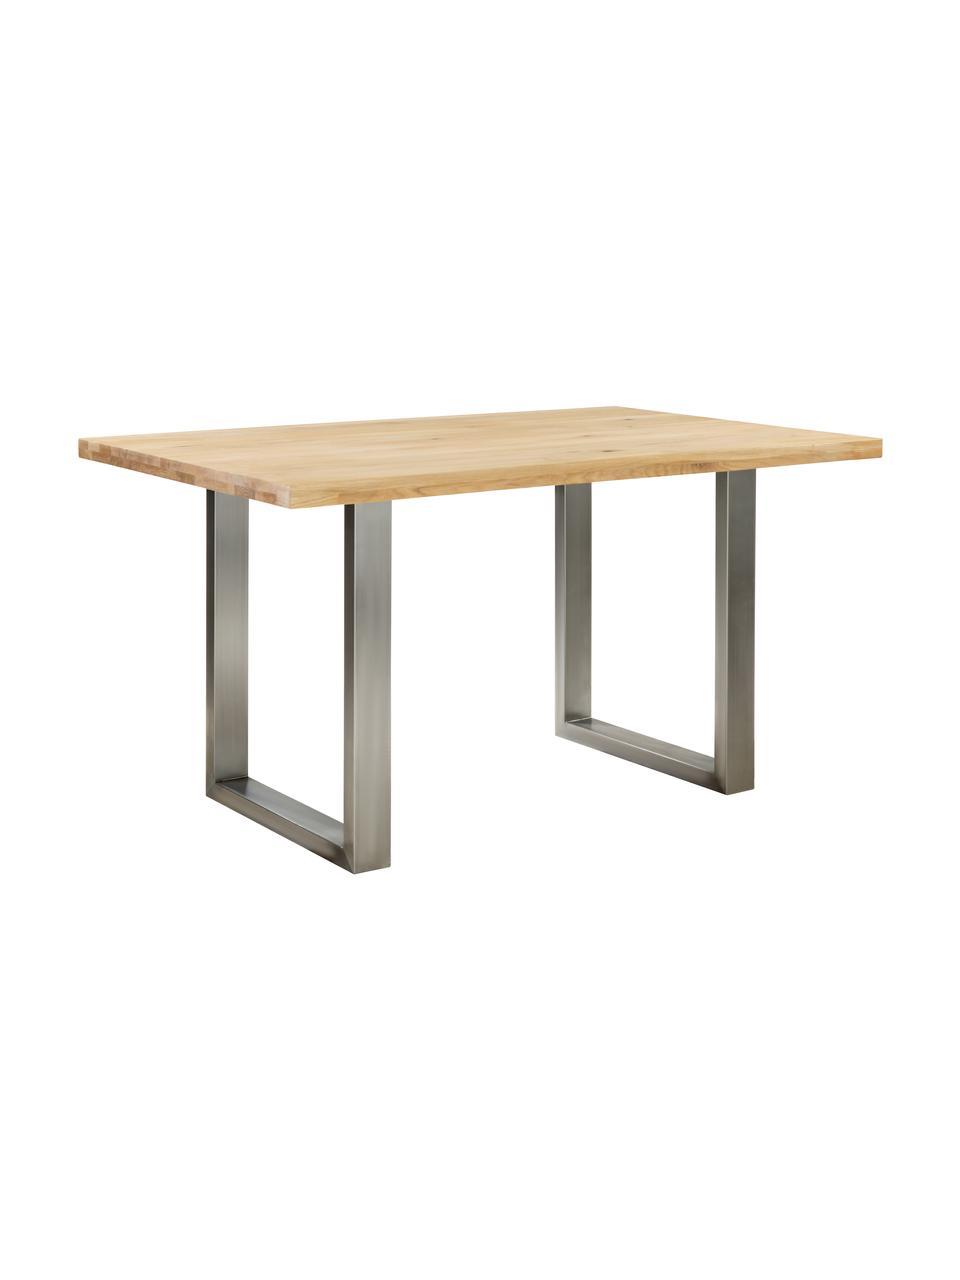 Esstisch Oliver mit Massivholzplatte, Tischplatte: Wildeichenlamellen, massi, Beine: Metall, lackiert, Wildeiche, Edelstahl, B 200 x T 100 cm